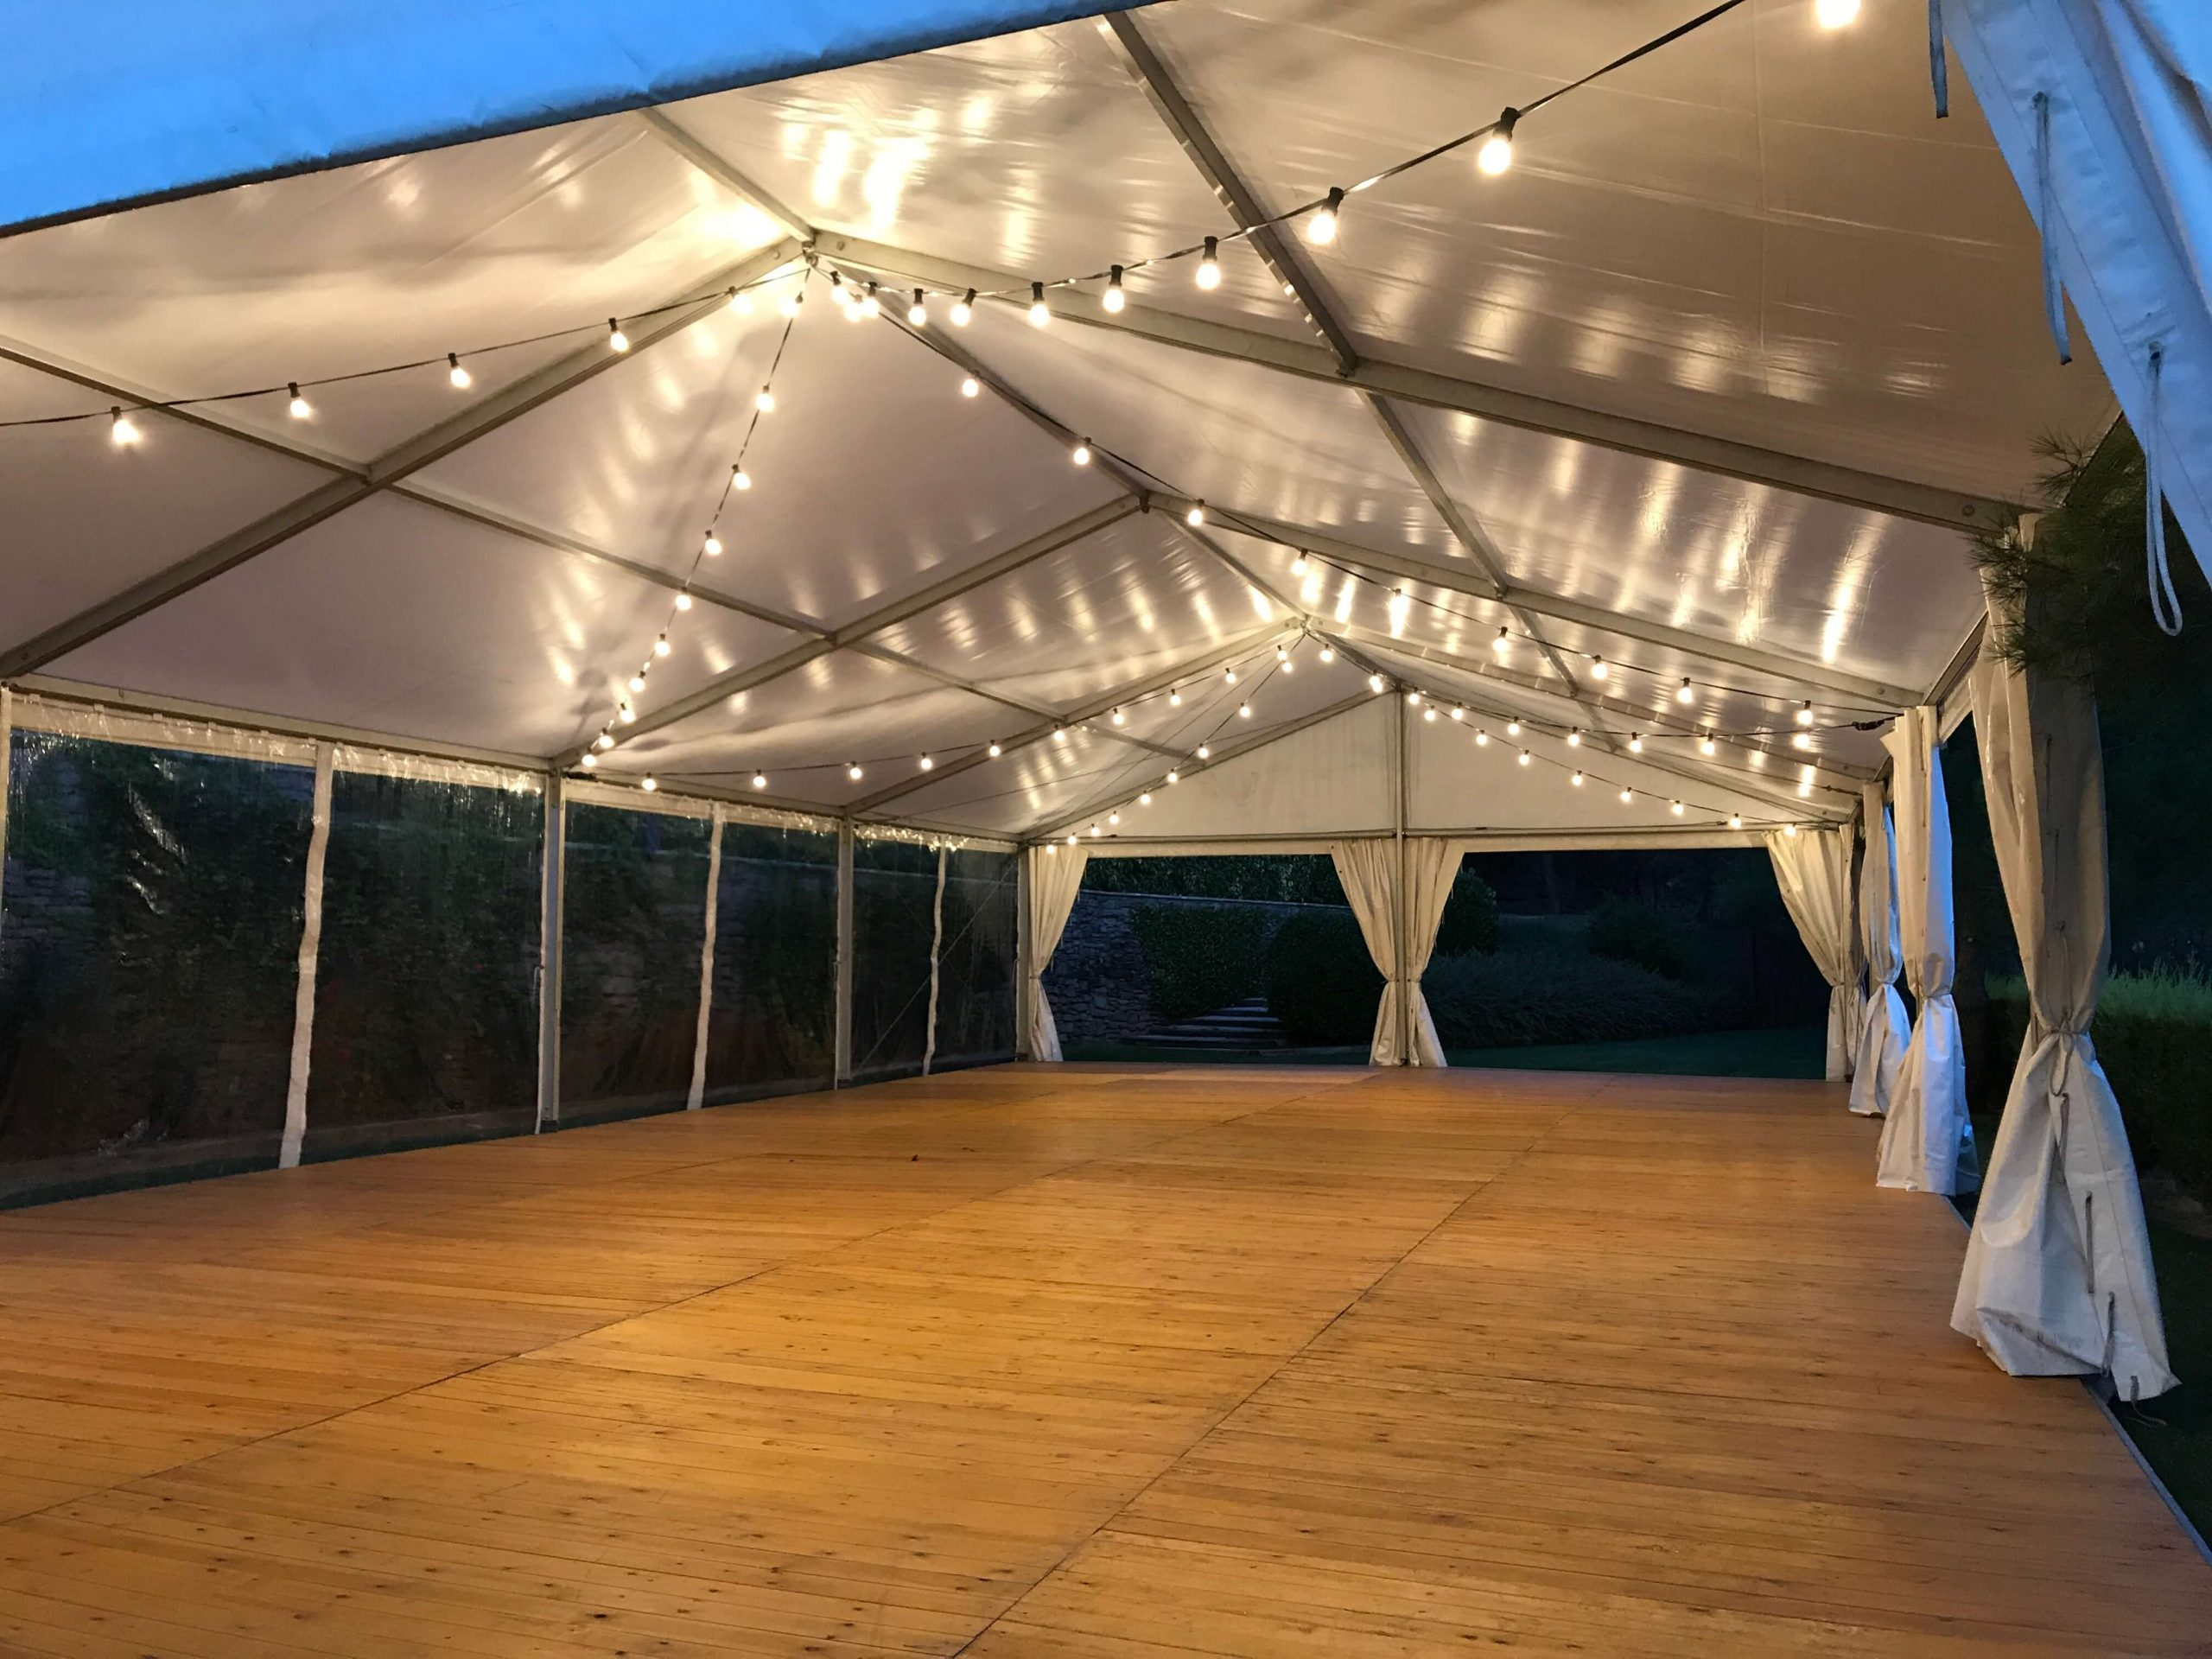 pabellón iluminación carpas Top tent